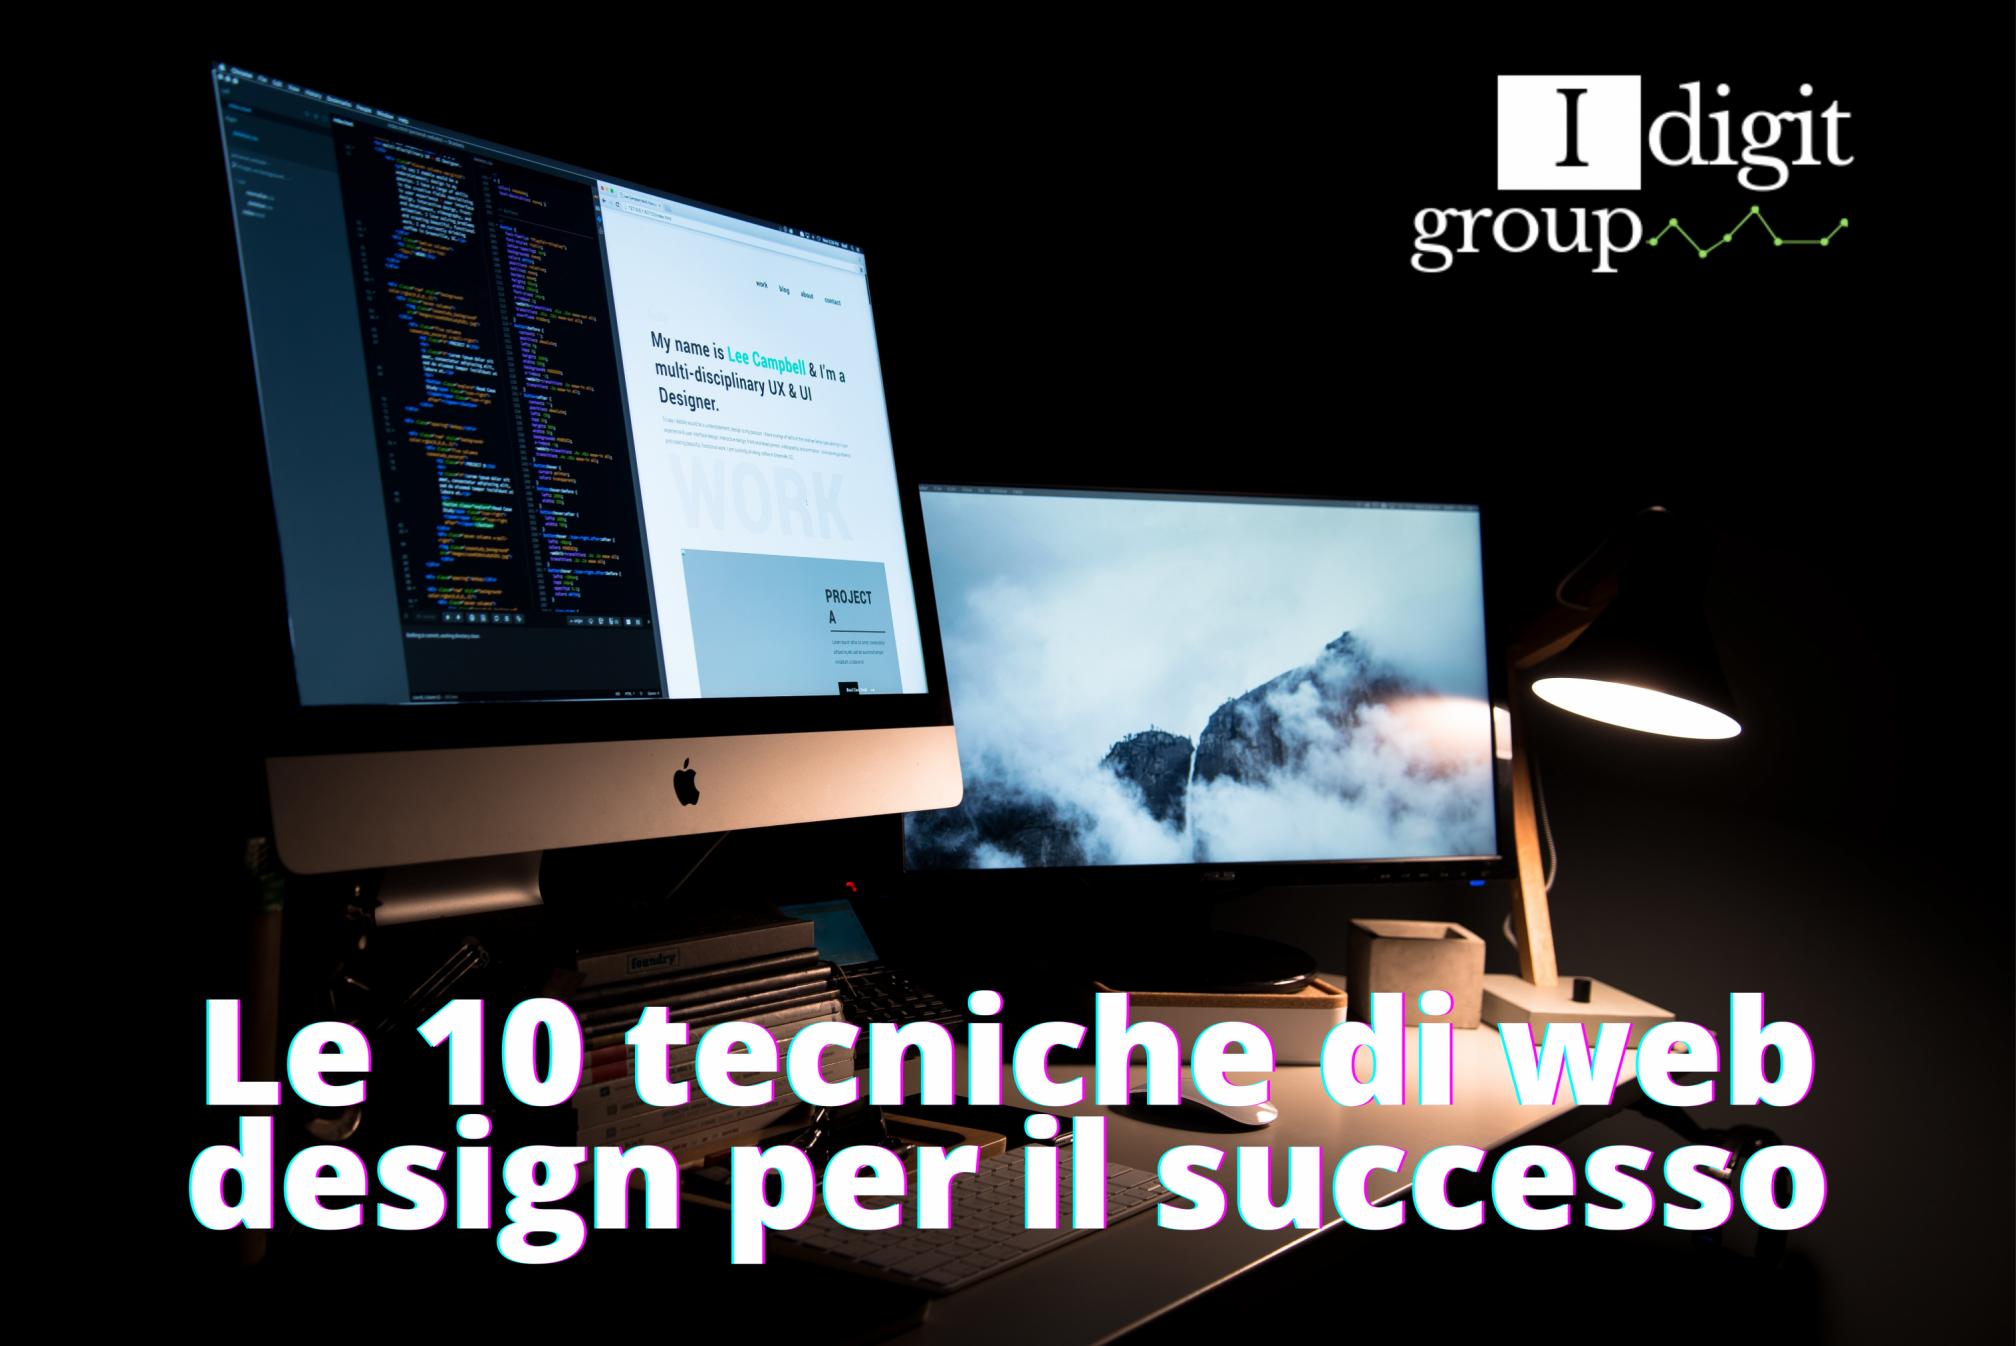 Le 10 tecniche di web design per il successo